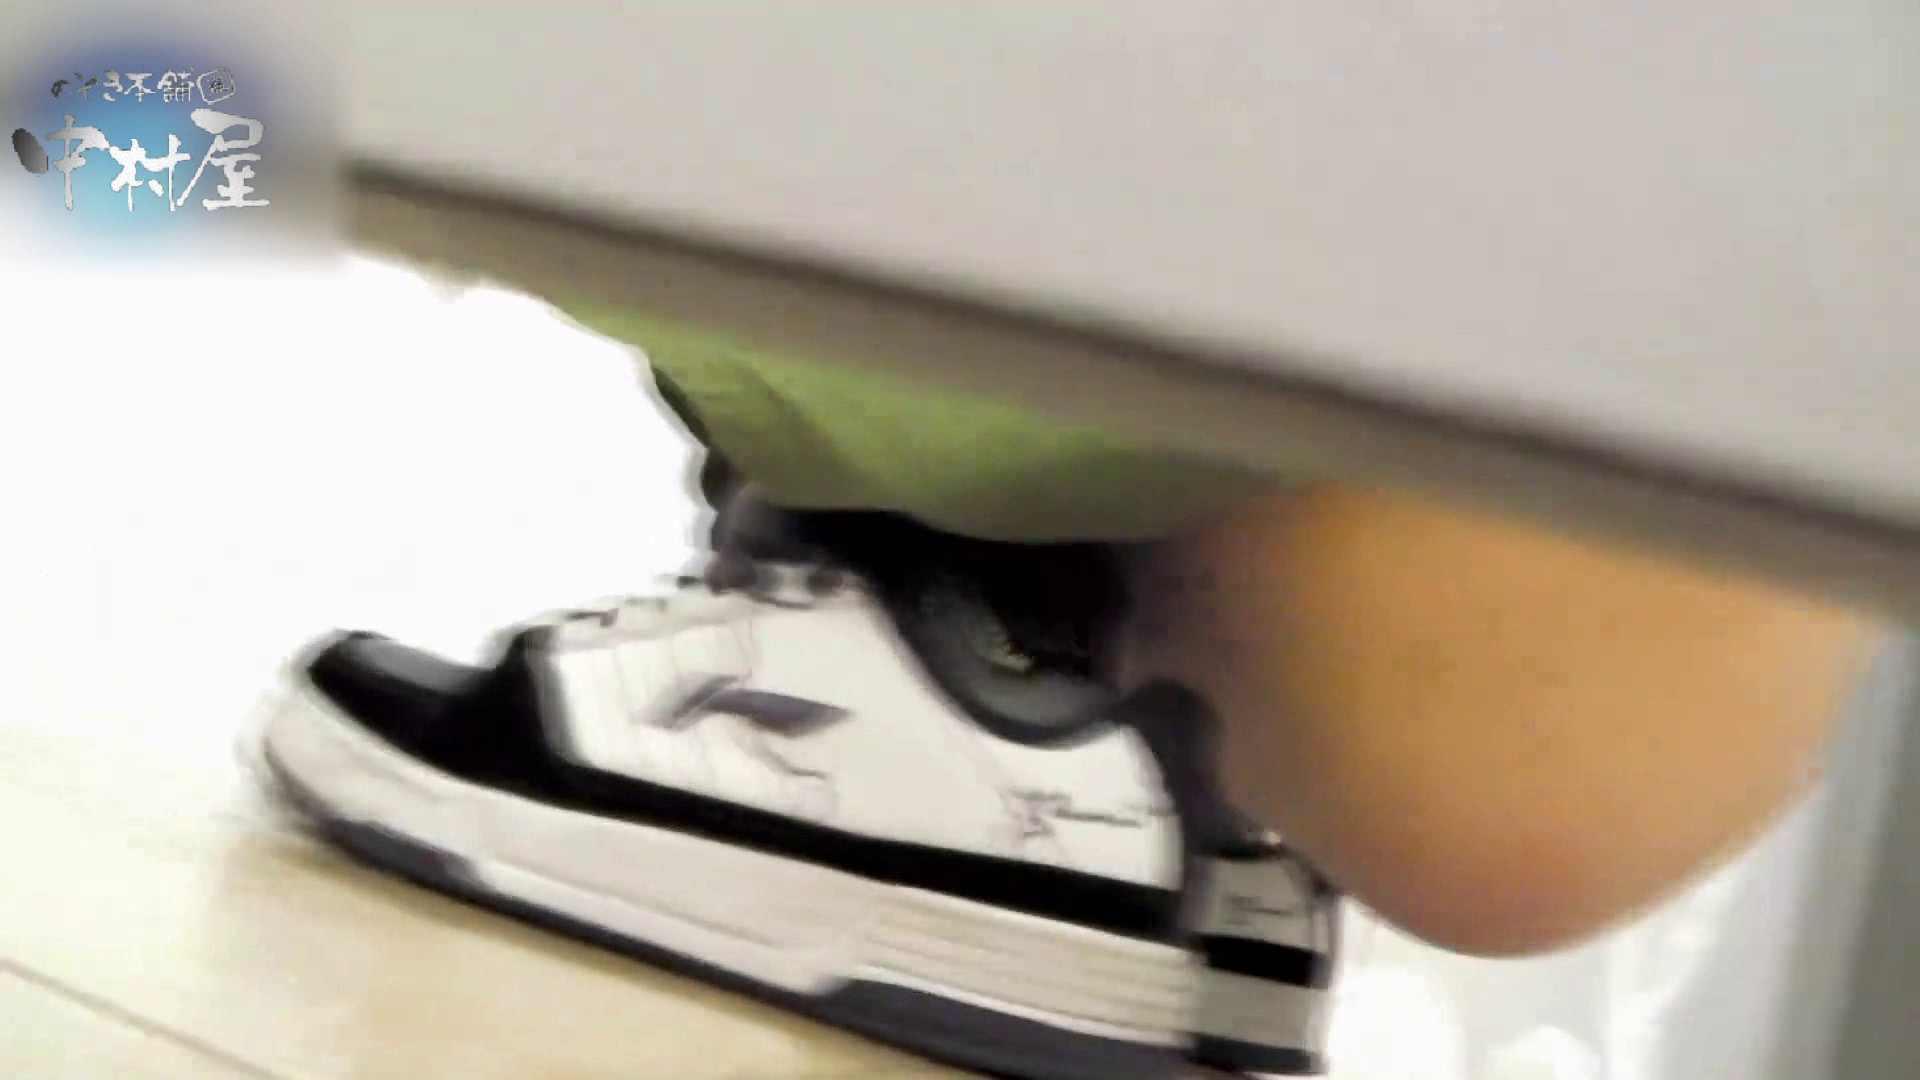 乙女集まる!ショッピングモール潜入撮vol.04 乙女のエロ動画 | トイレ  76PIX 76